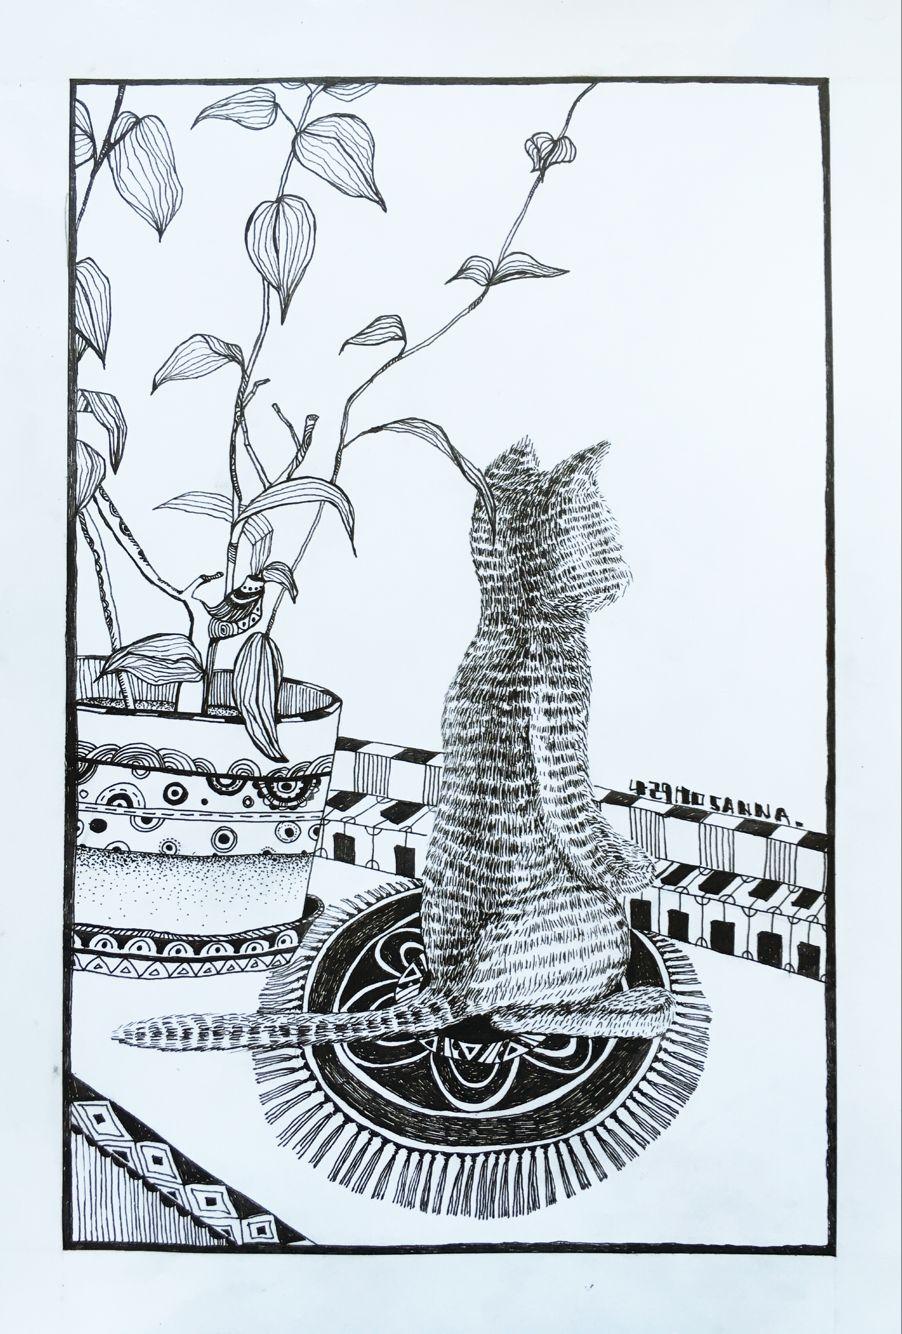 手绘黑白创意线描|涂鸦/潮流|插画|小语娜娜 - 原创